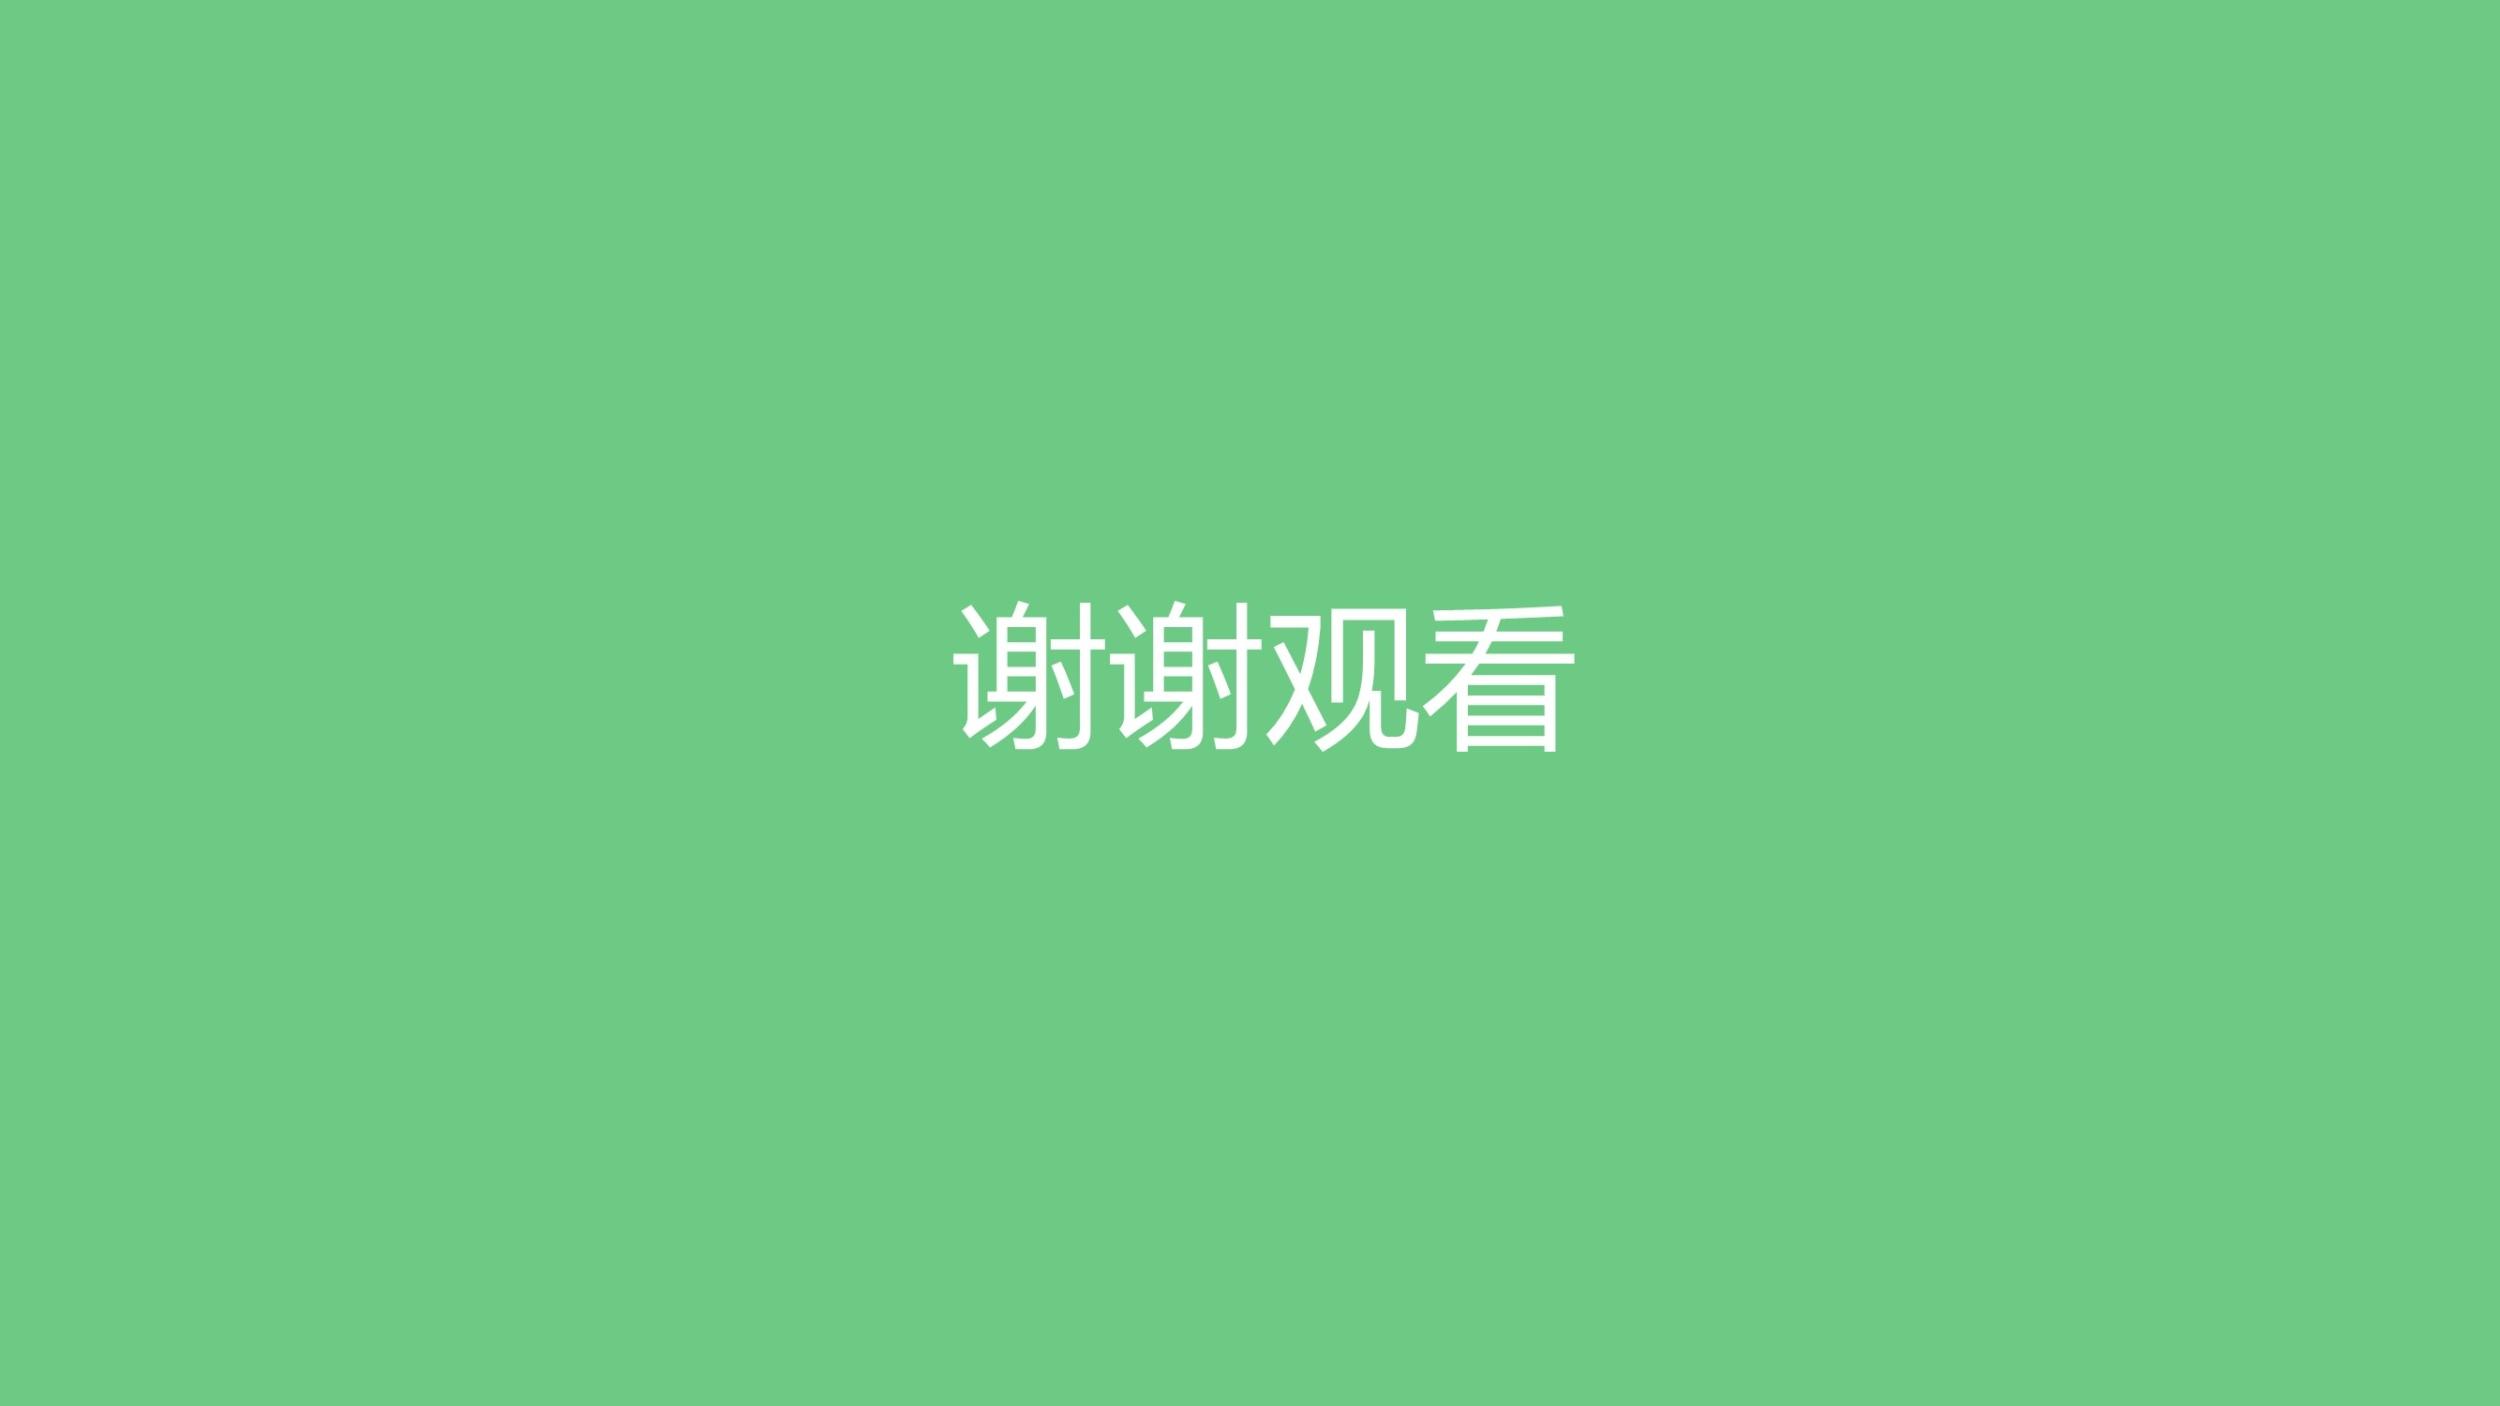 四川郎霖農業科技有限公司20